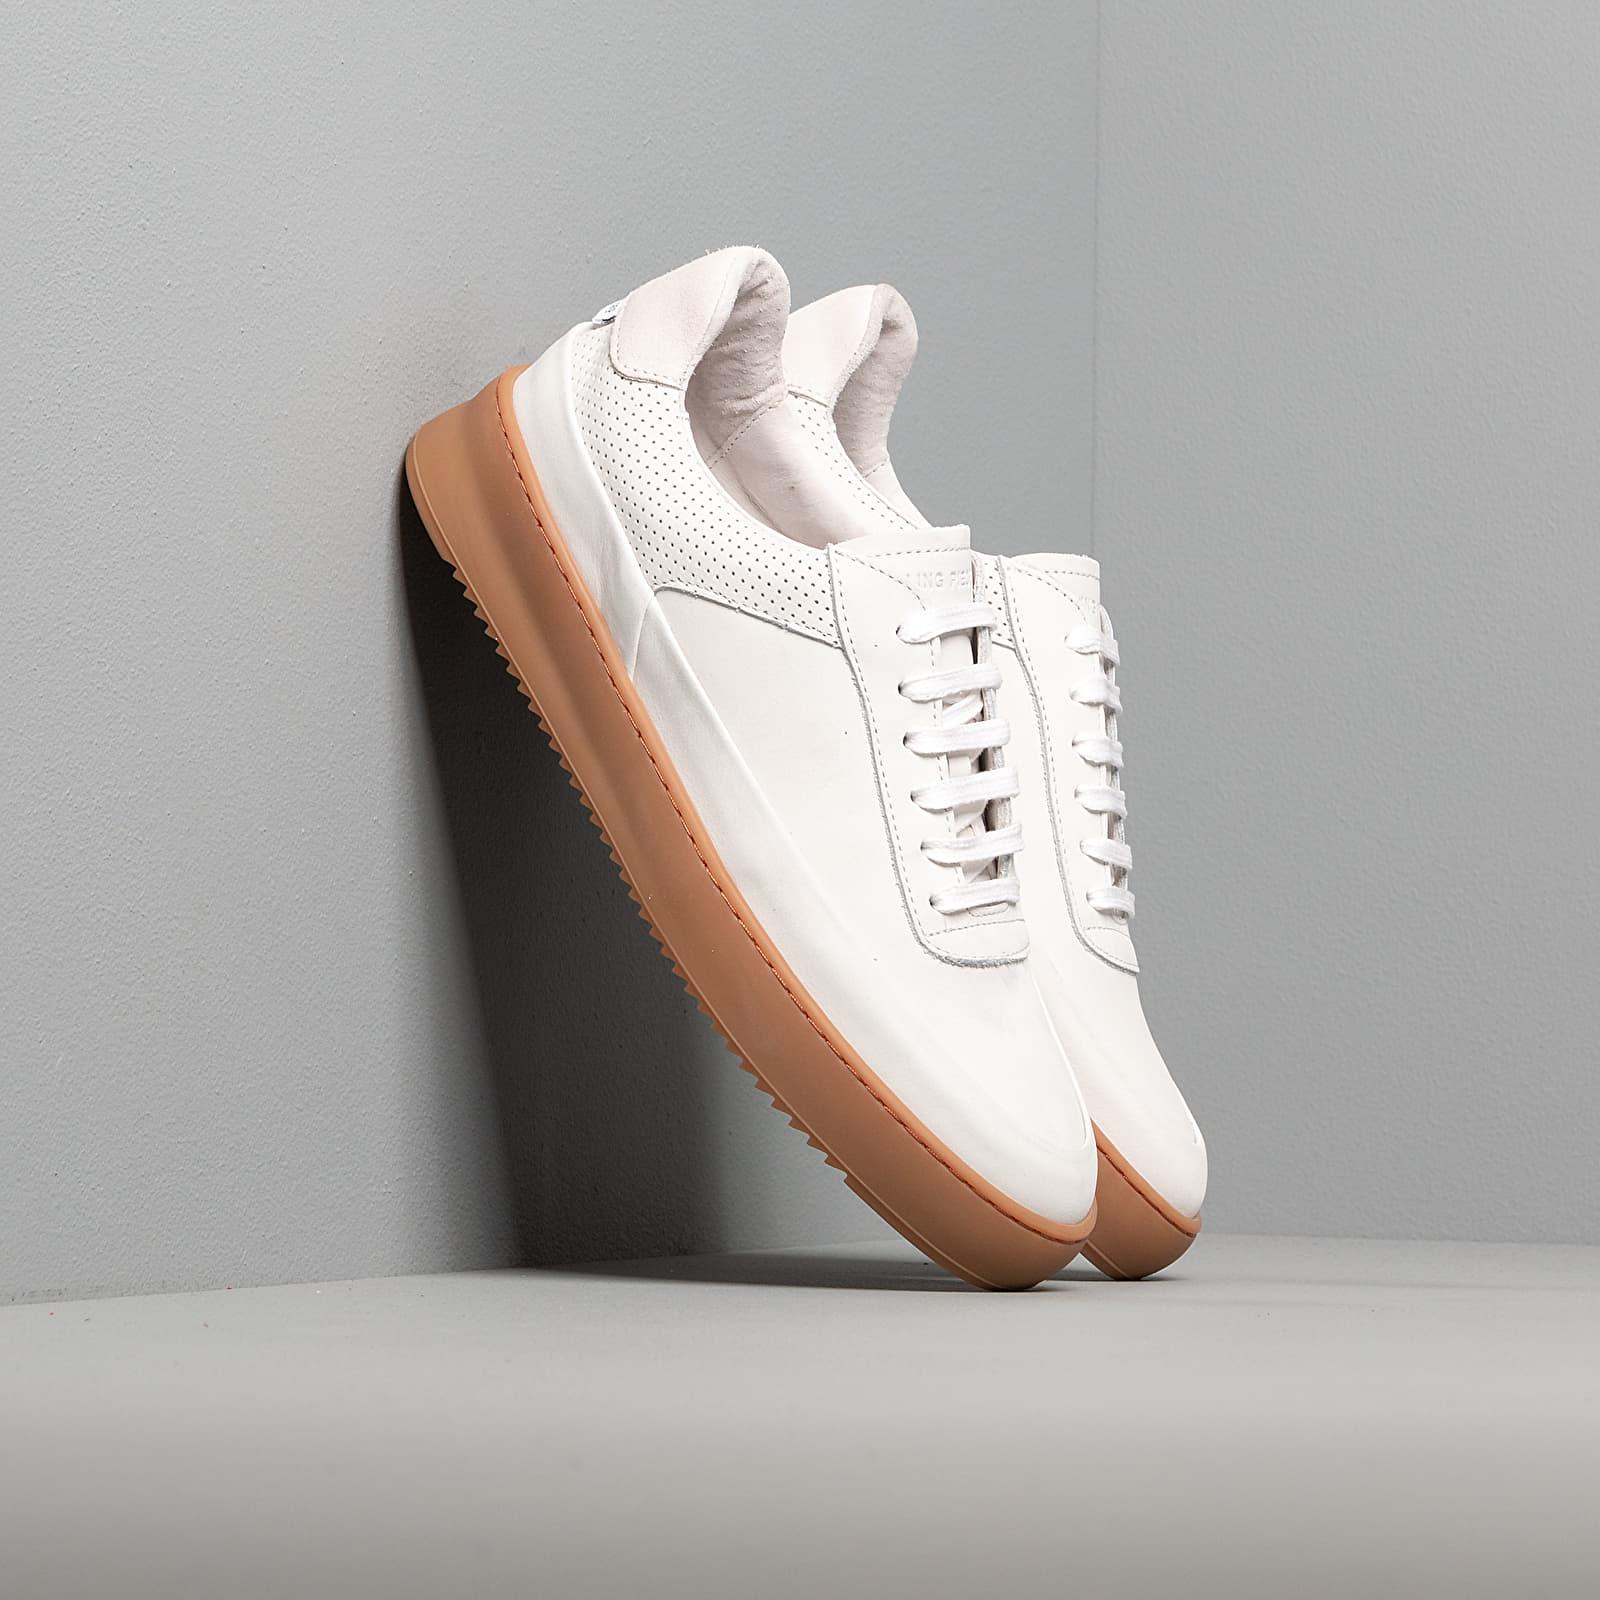 Scarpe e sneaker da uomo Filling Pieces Mono Ripple Gum White